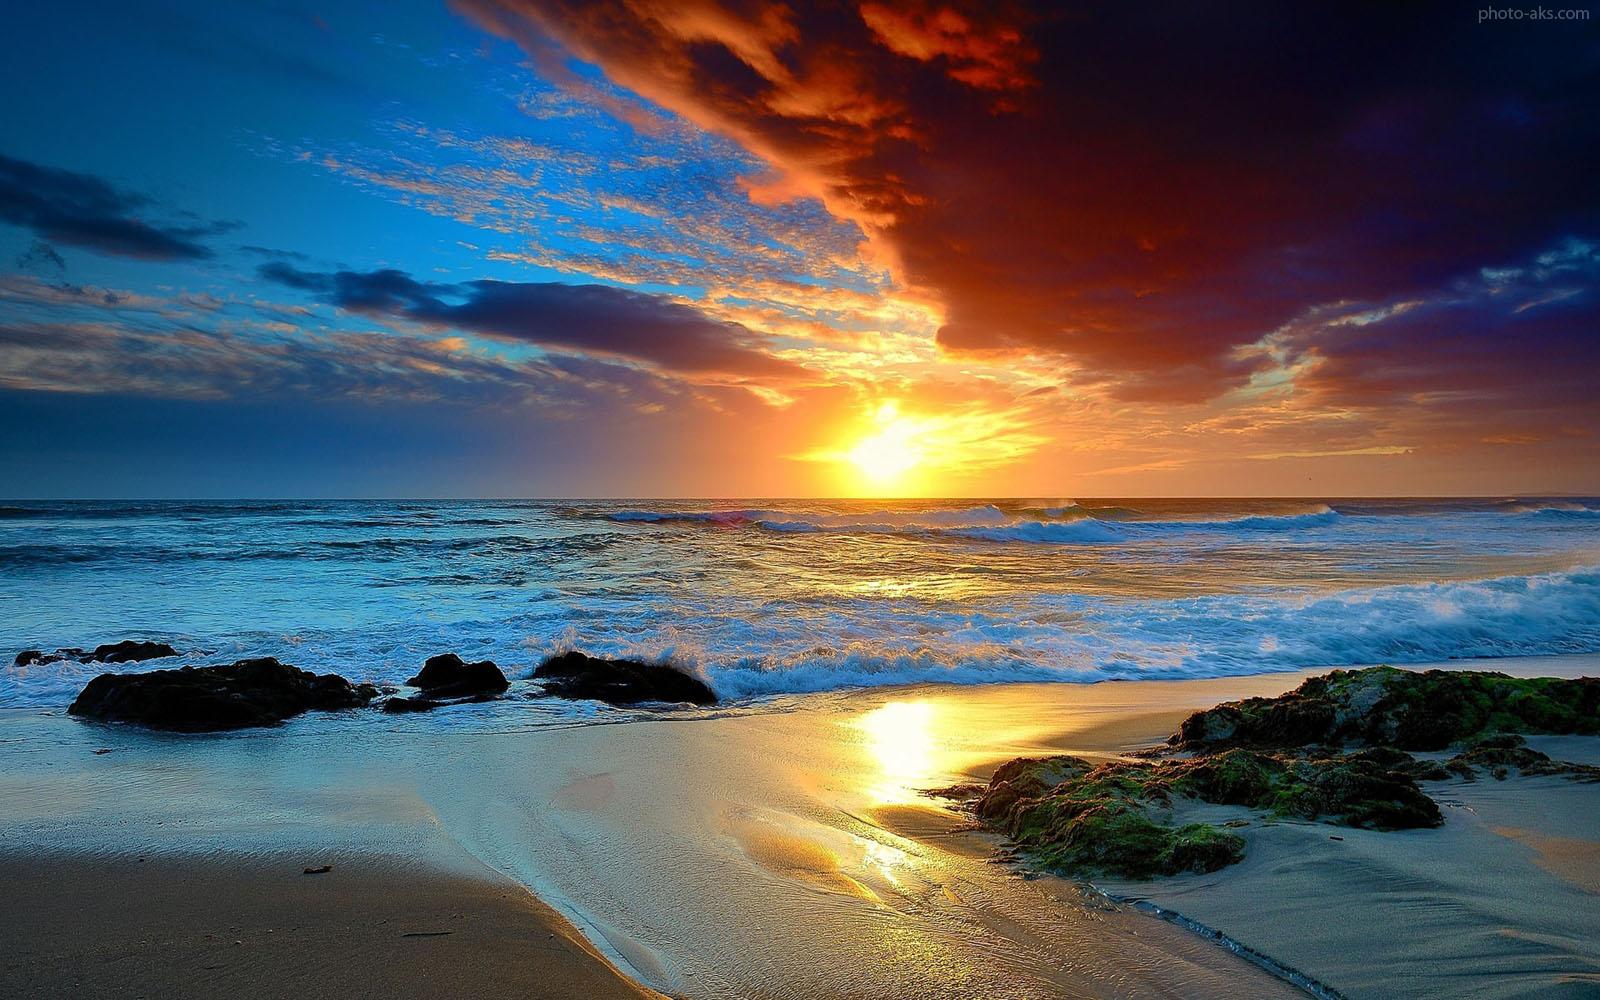 عکس غروب آفتاب و دریا